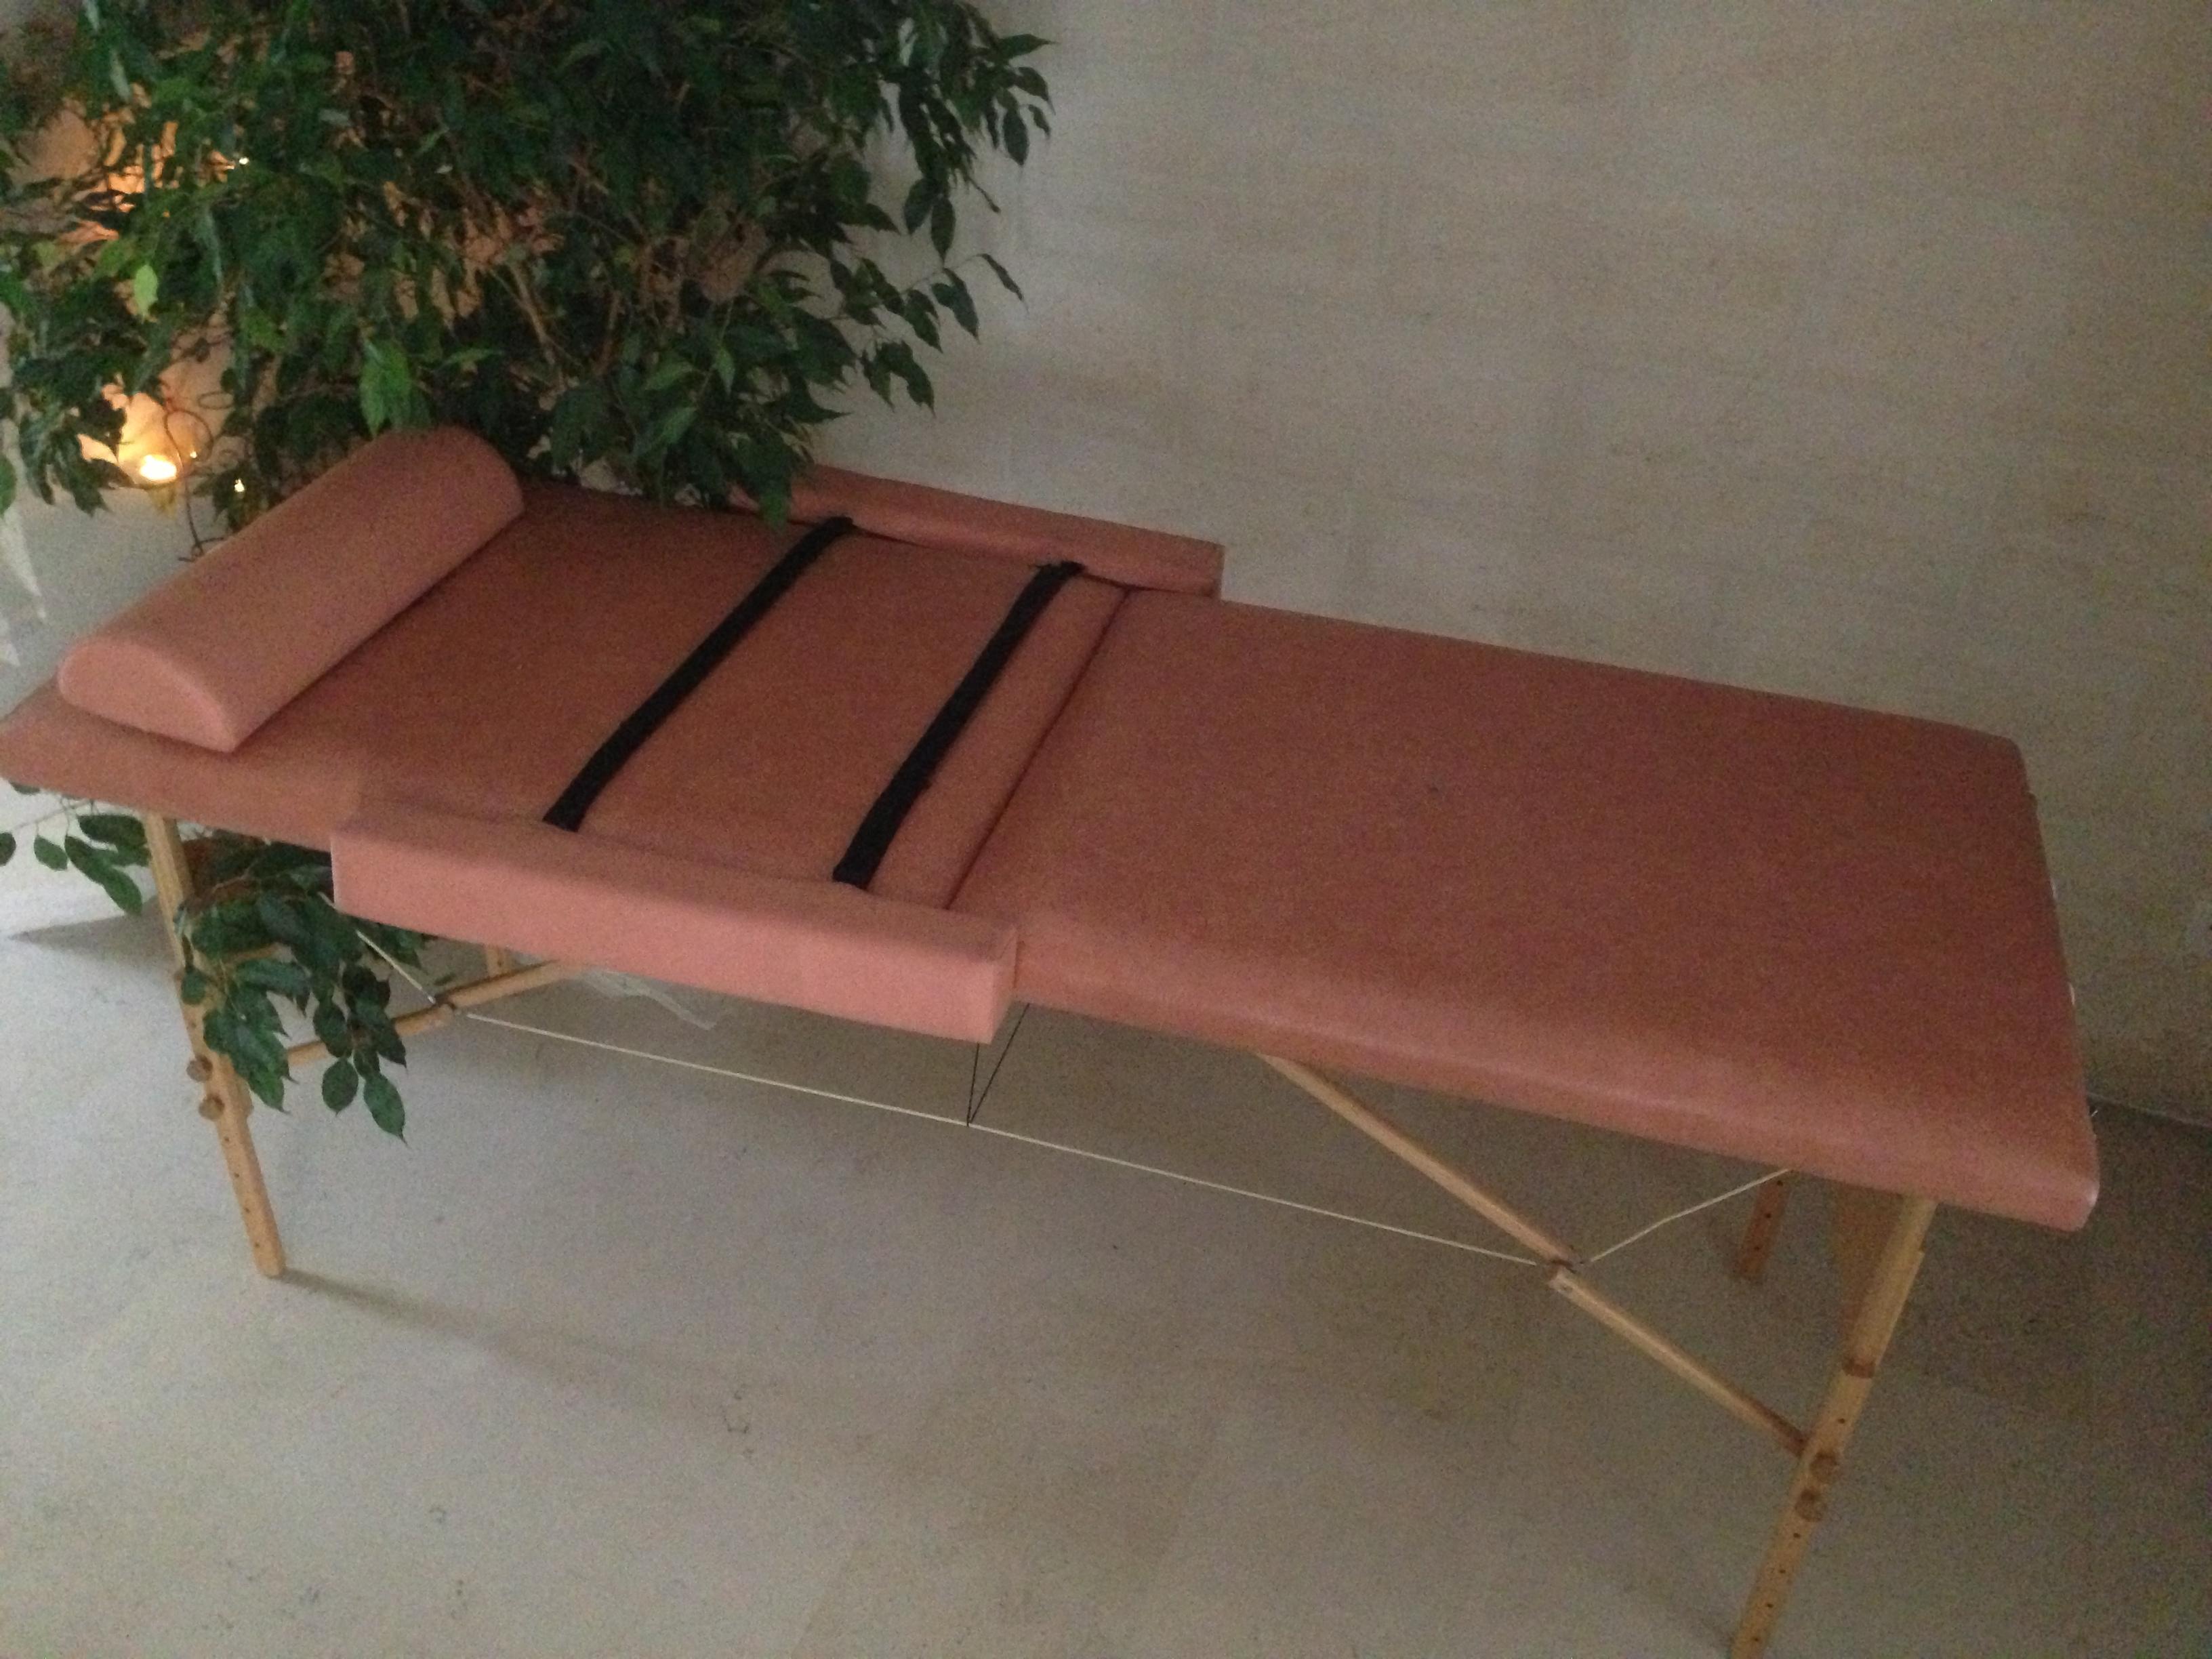 Choisir sa future table de massage et ses accessoires edenzen massage dom - Table de massage paris ...